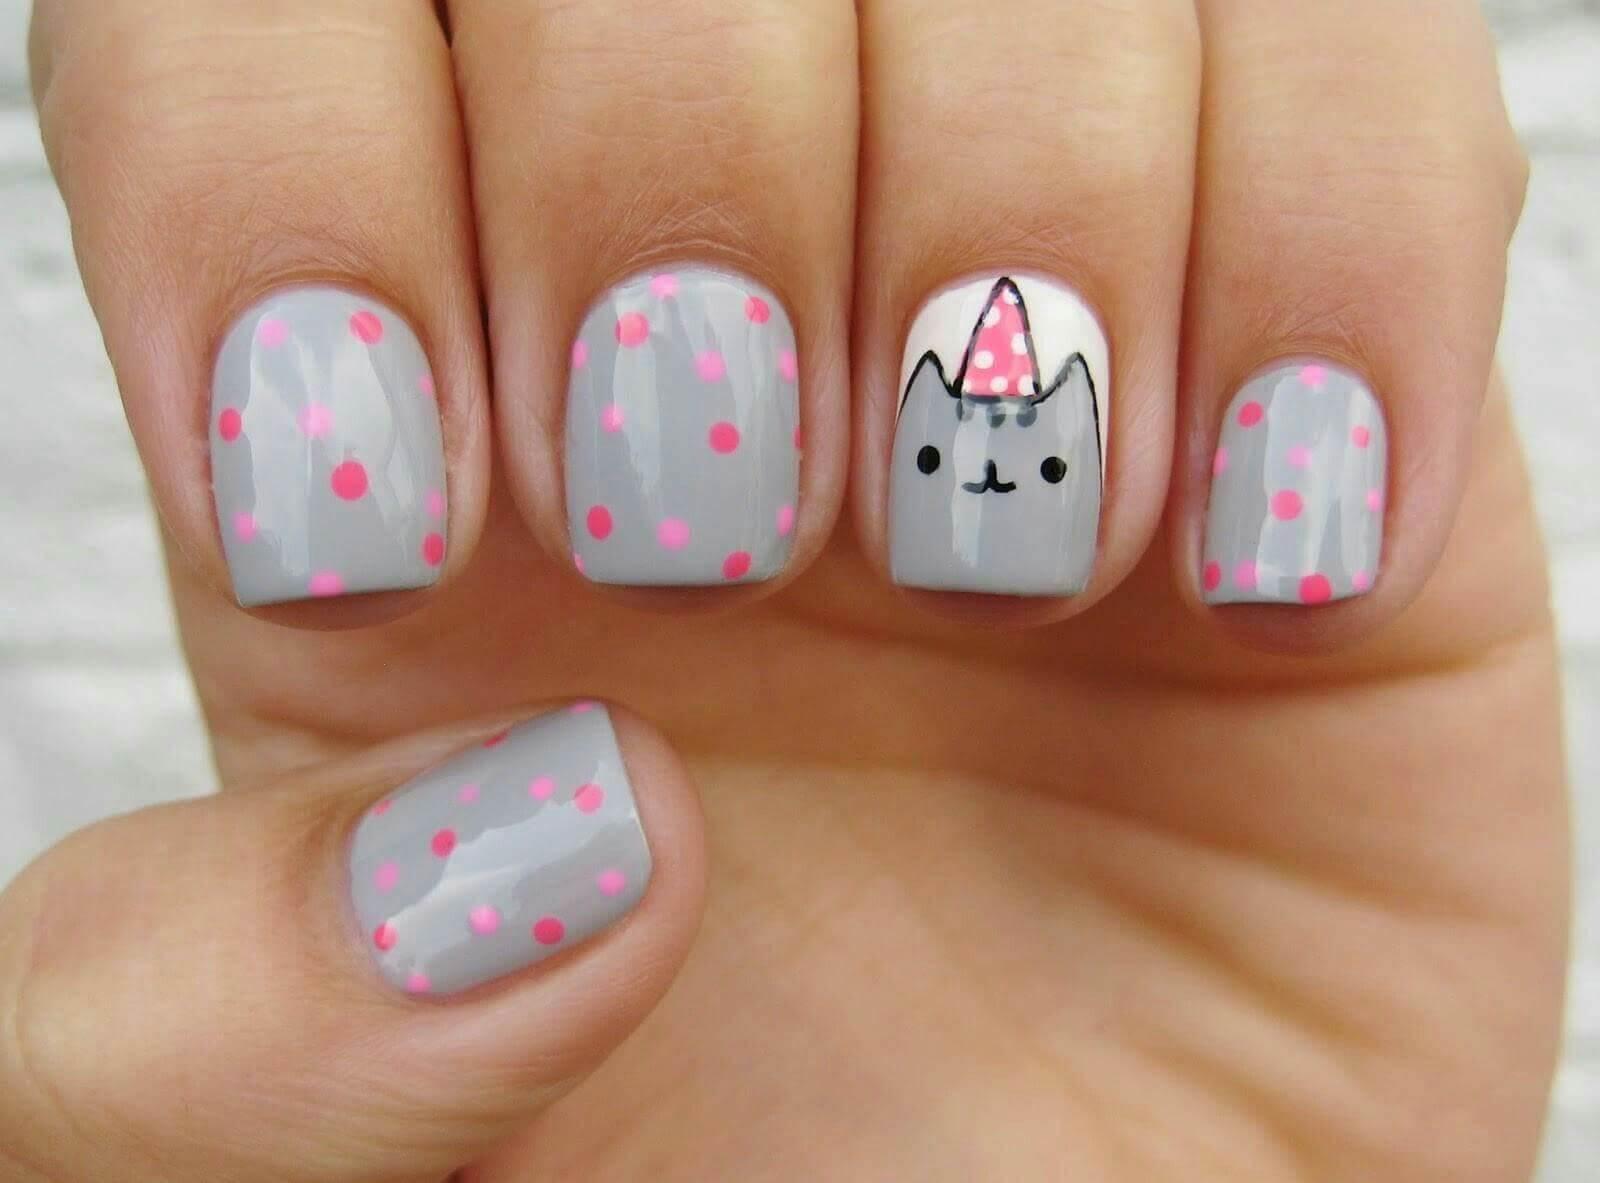 diseño de gatito tierno en uñas de niñas